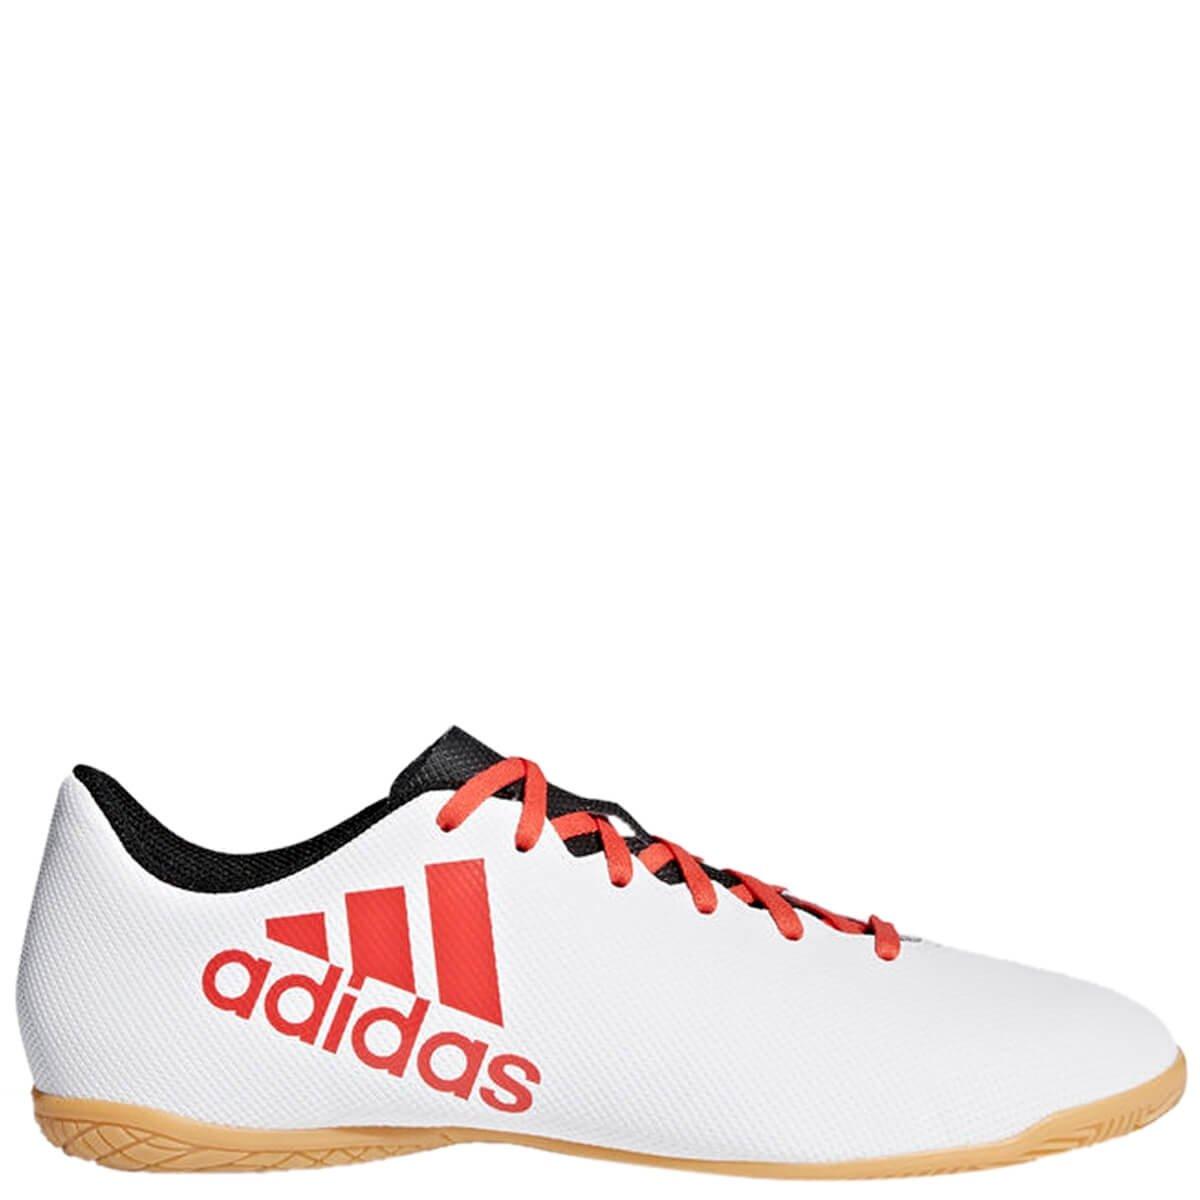 46d09b9f48 Bizz Store - Chuteira Masculina Futsal Adidas Tango X 17.4